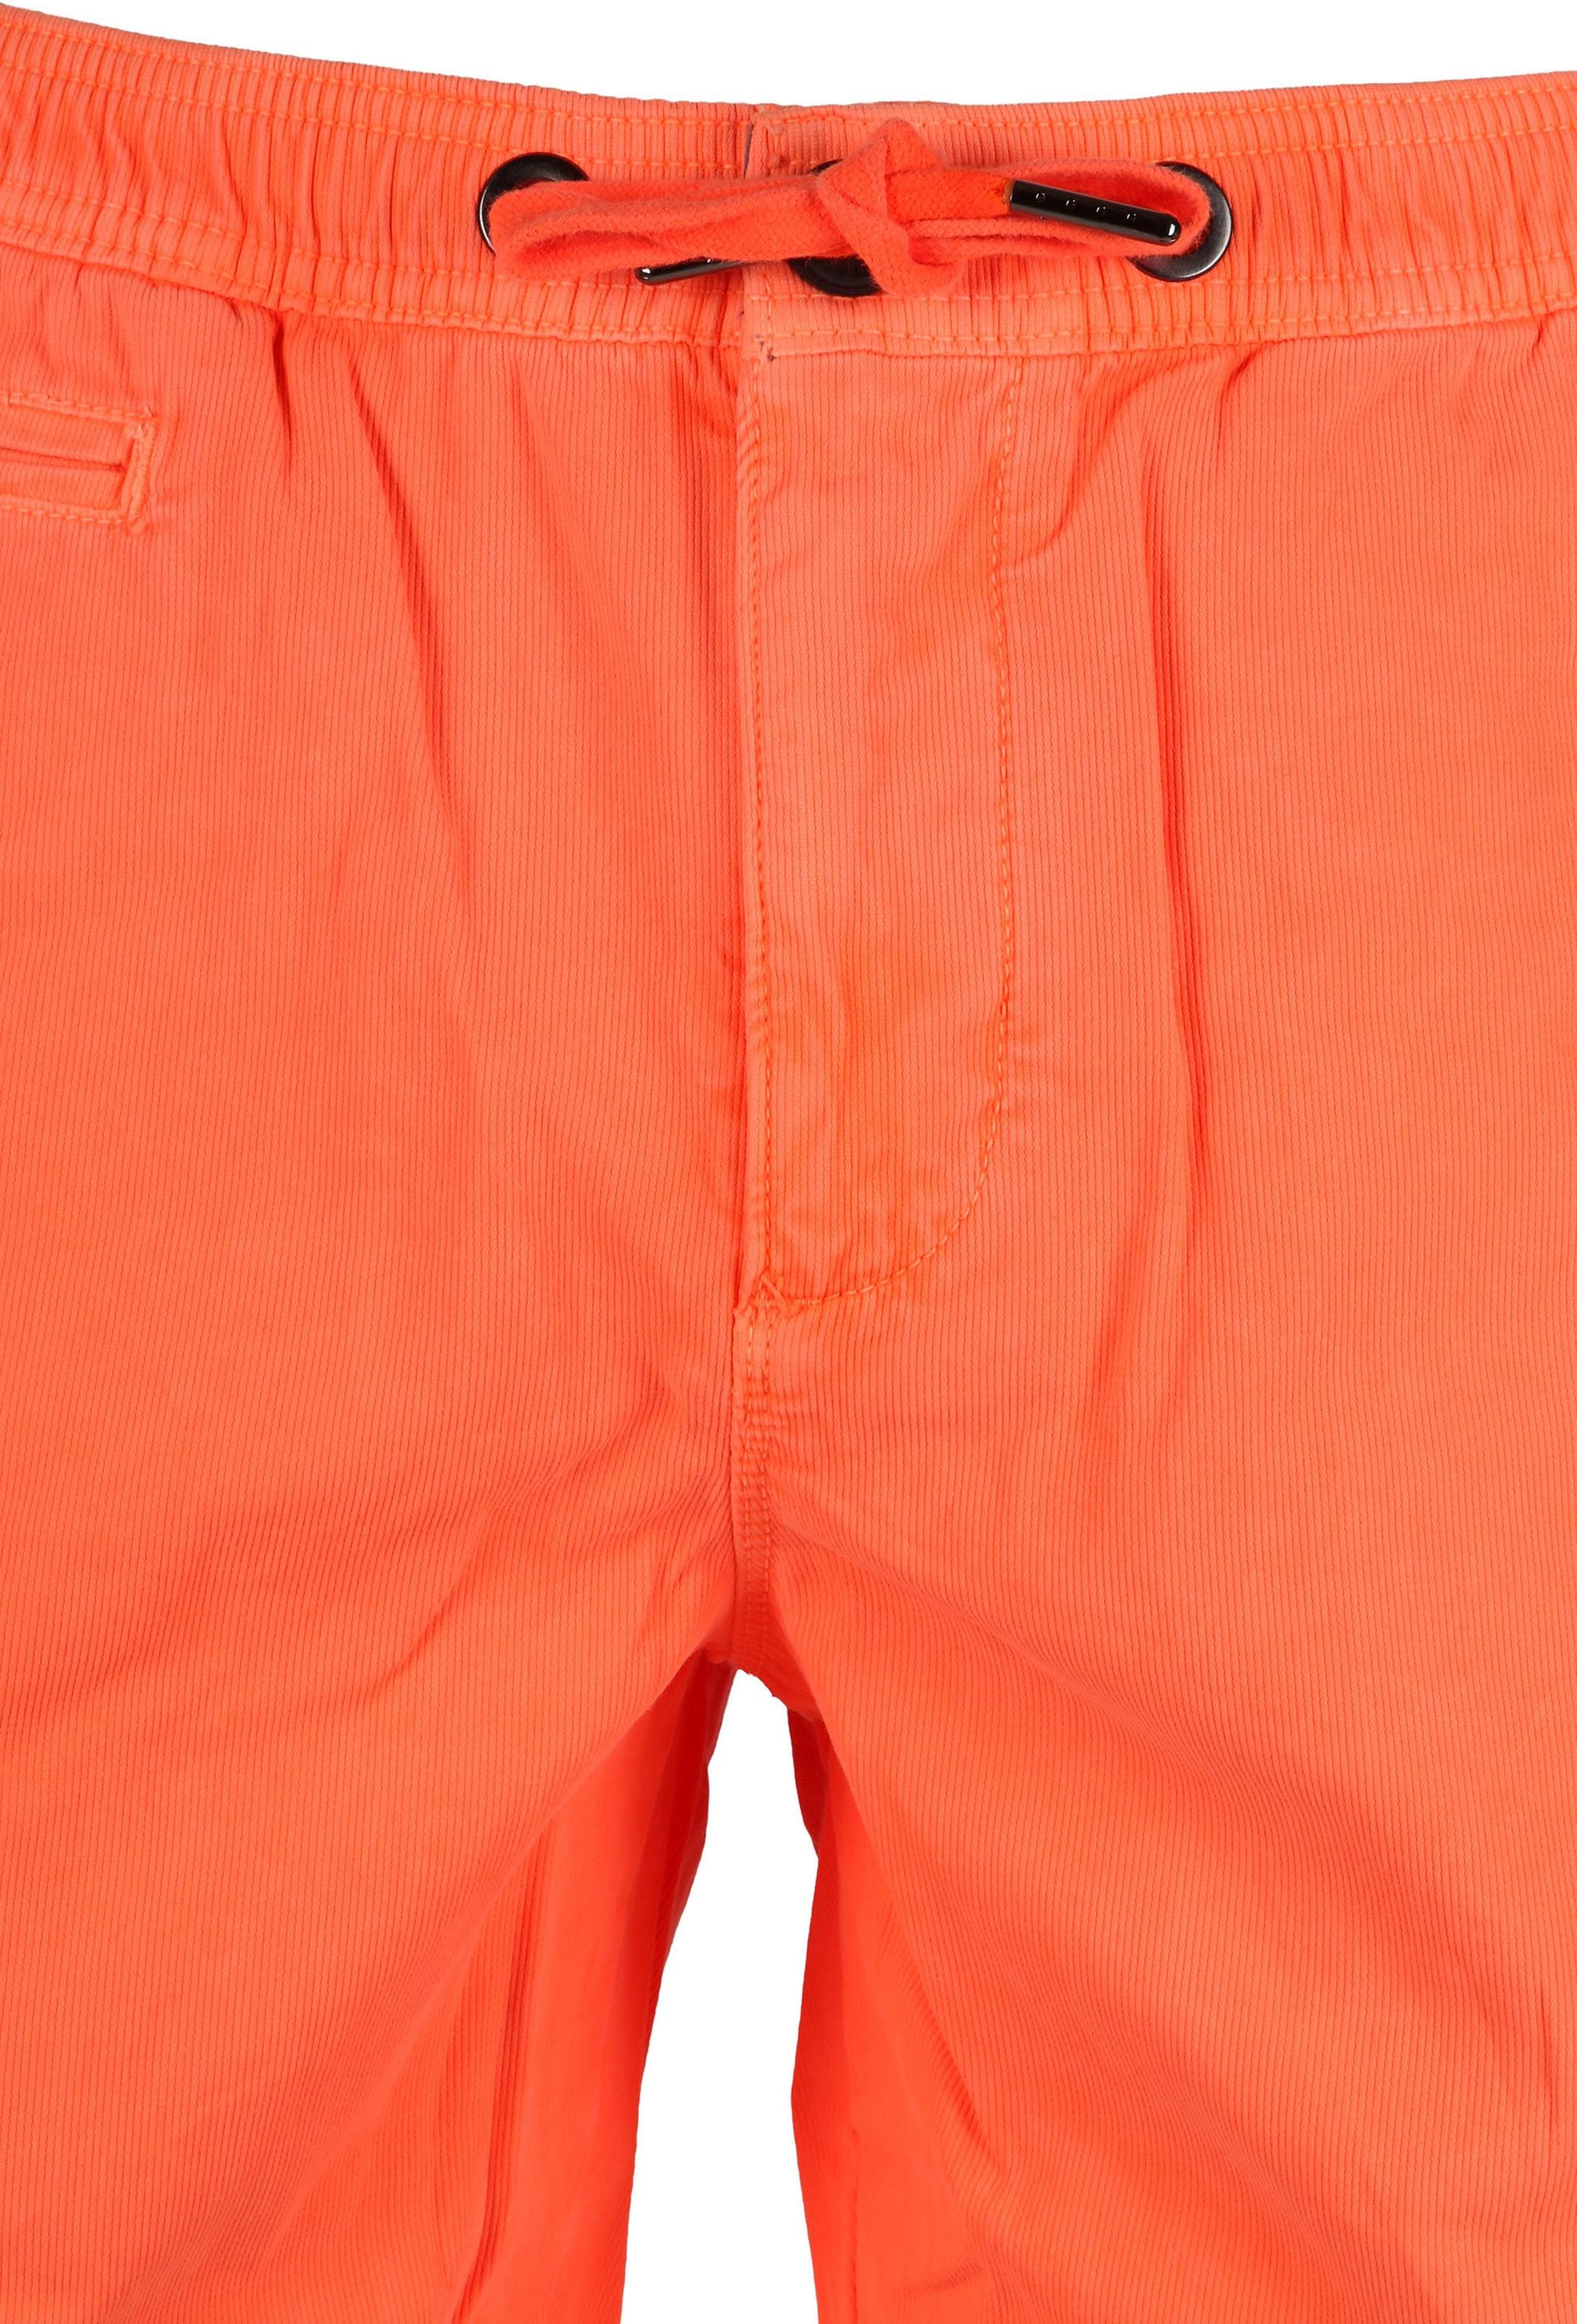 Superdry Sunscorched Short Orange foto 2